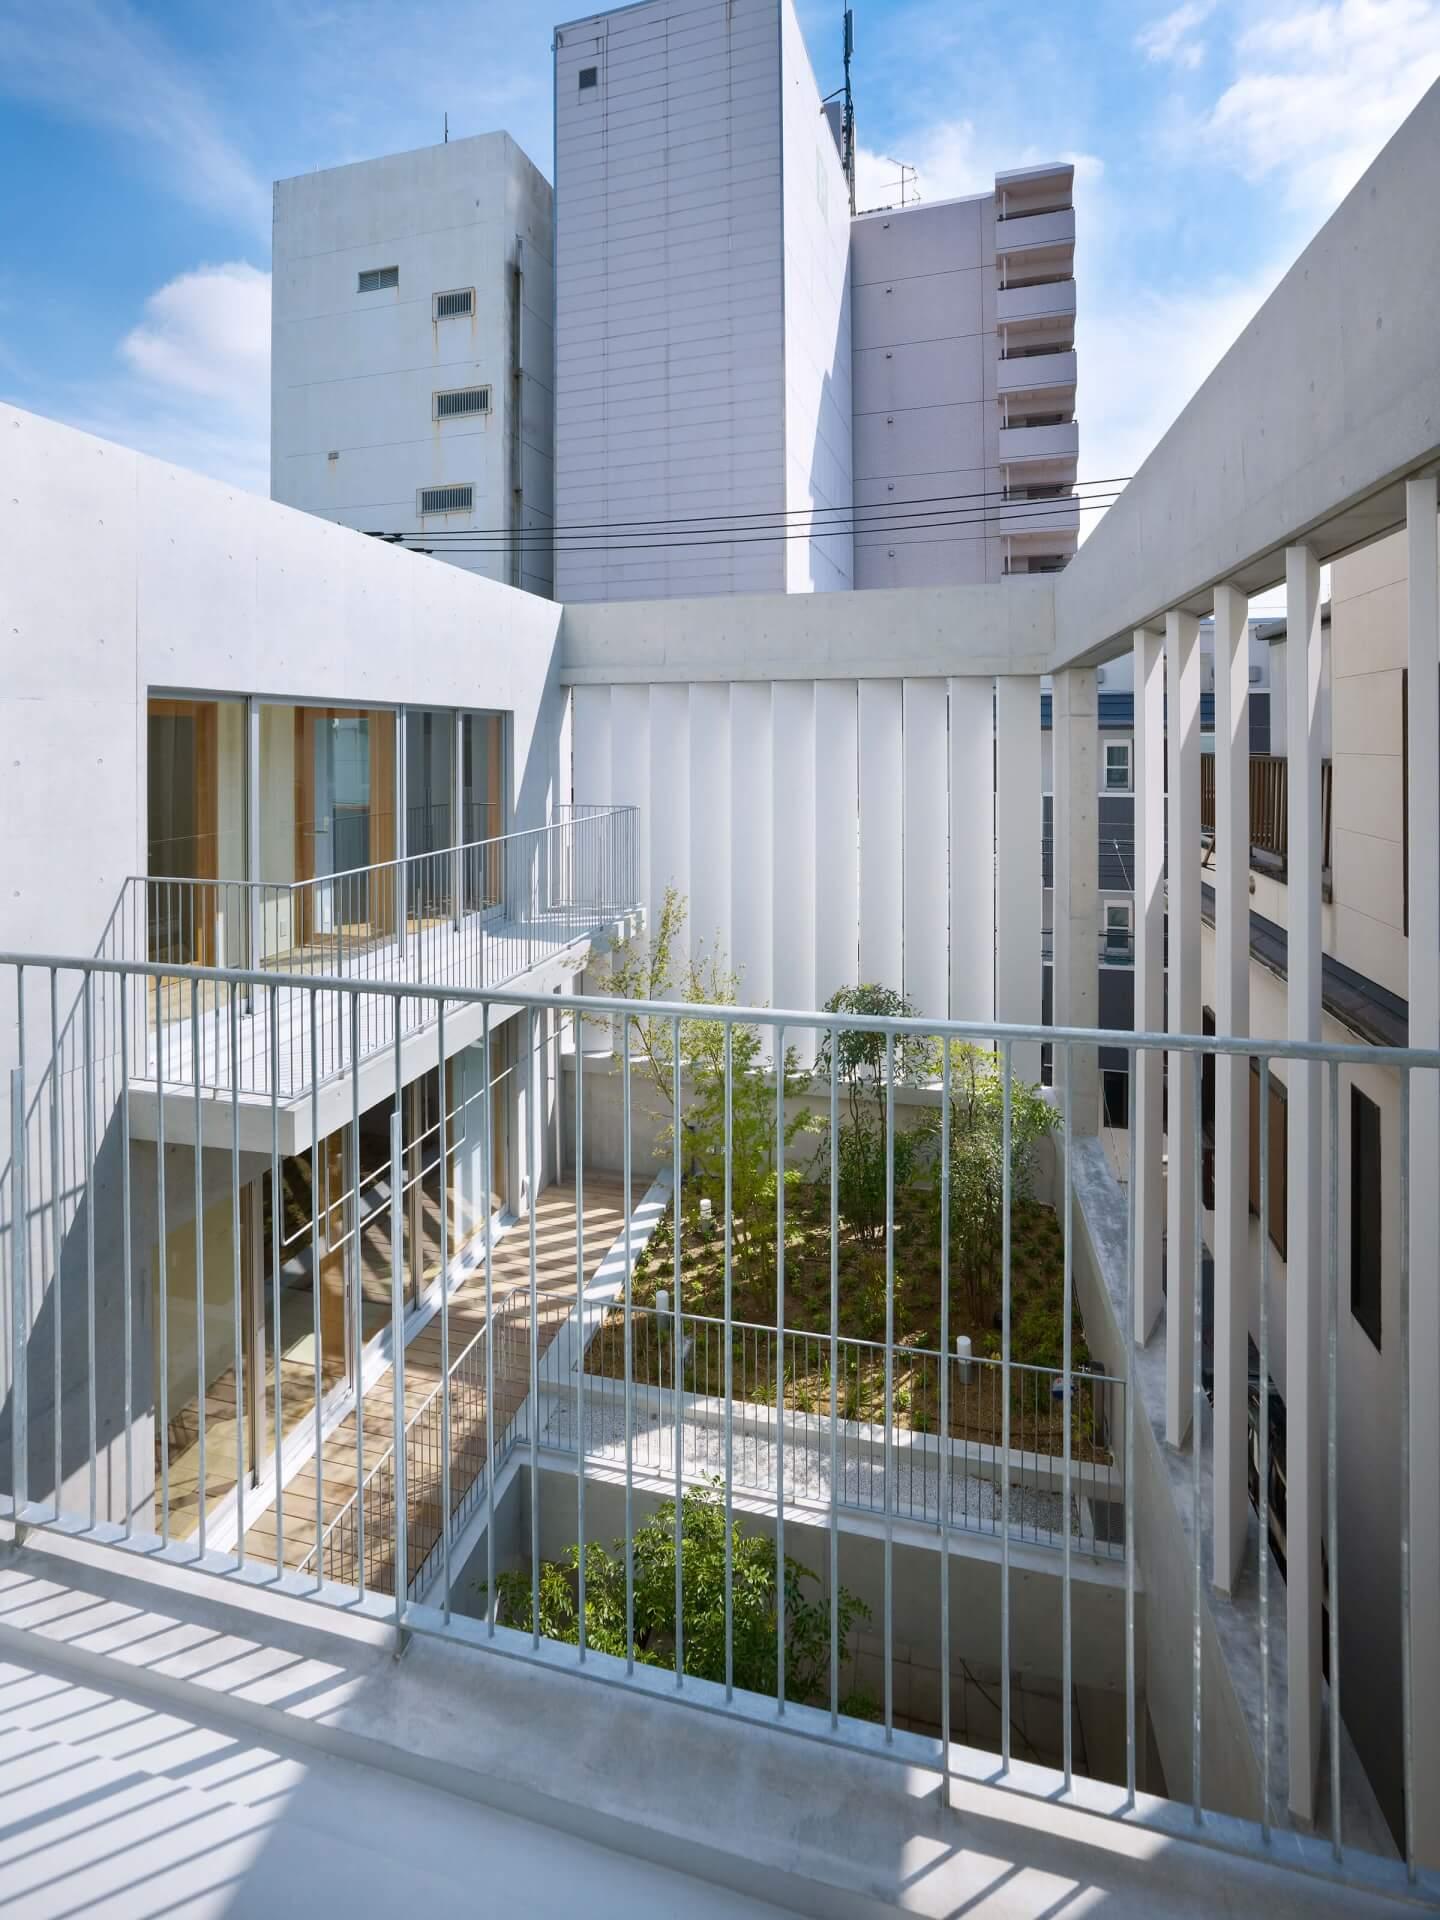 鶴見の住宅3Fからの眺め